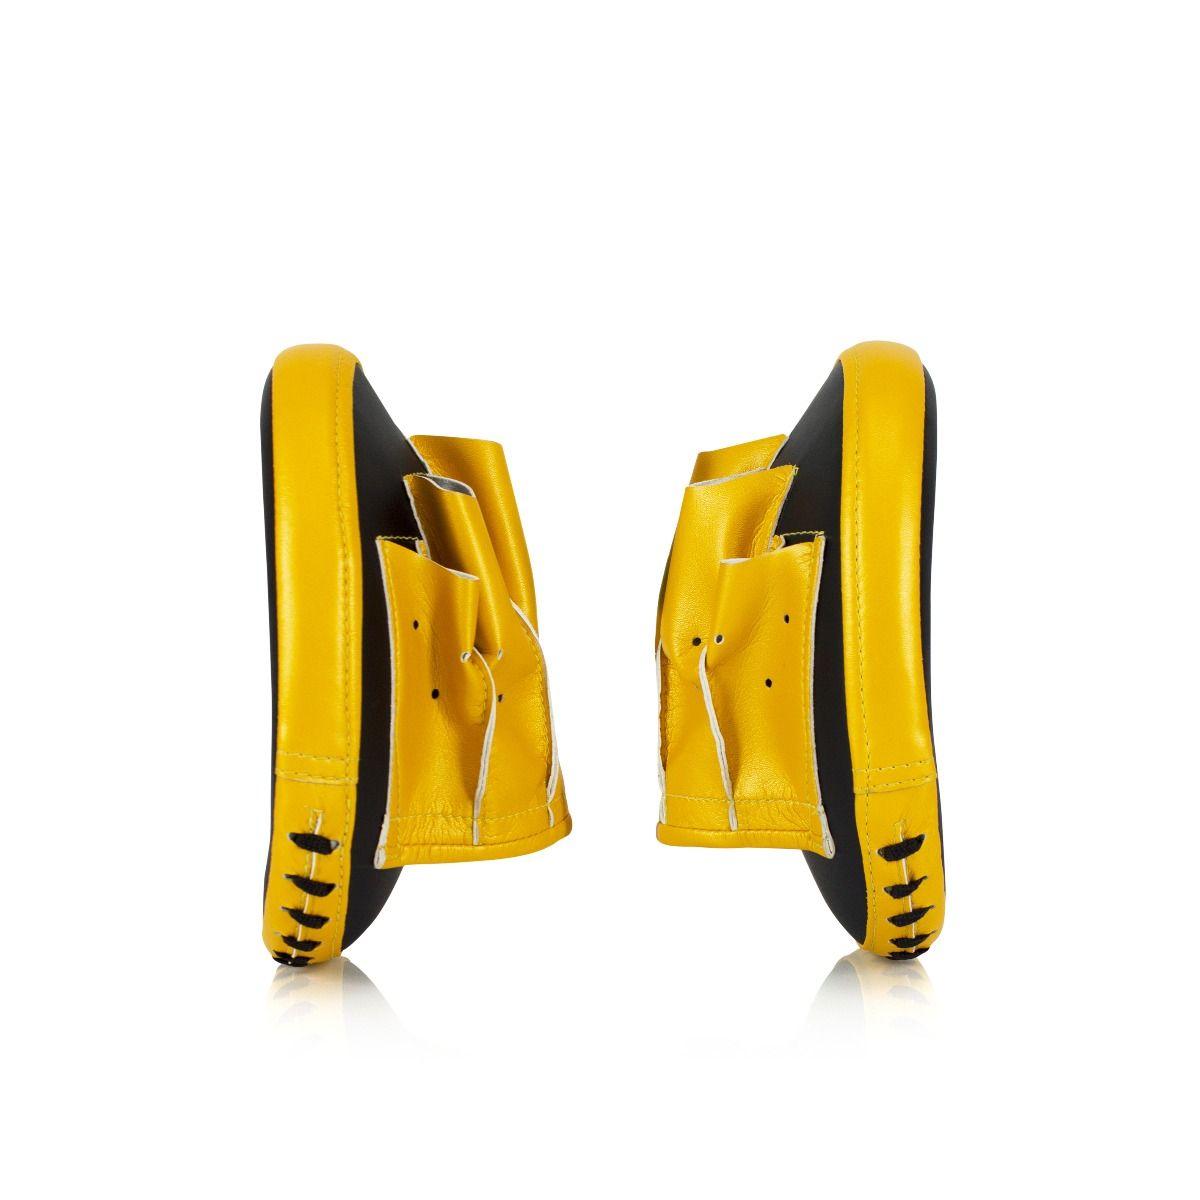 Luva de Foco Curva Fairtex FMV15 de velocidade e precisão (PAR)